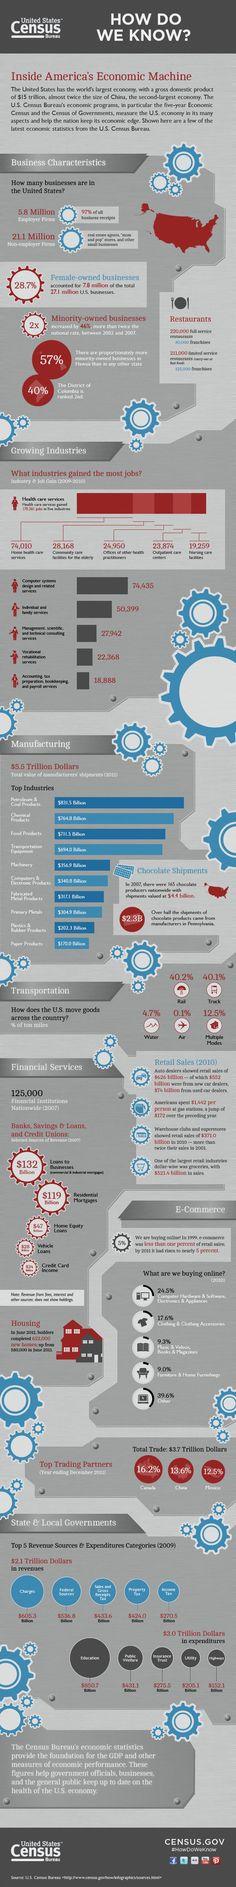 US Economy in One Gigantic Infographic